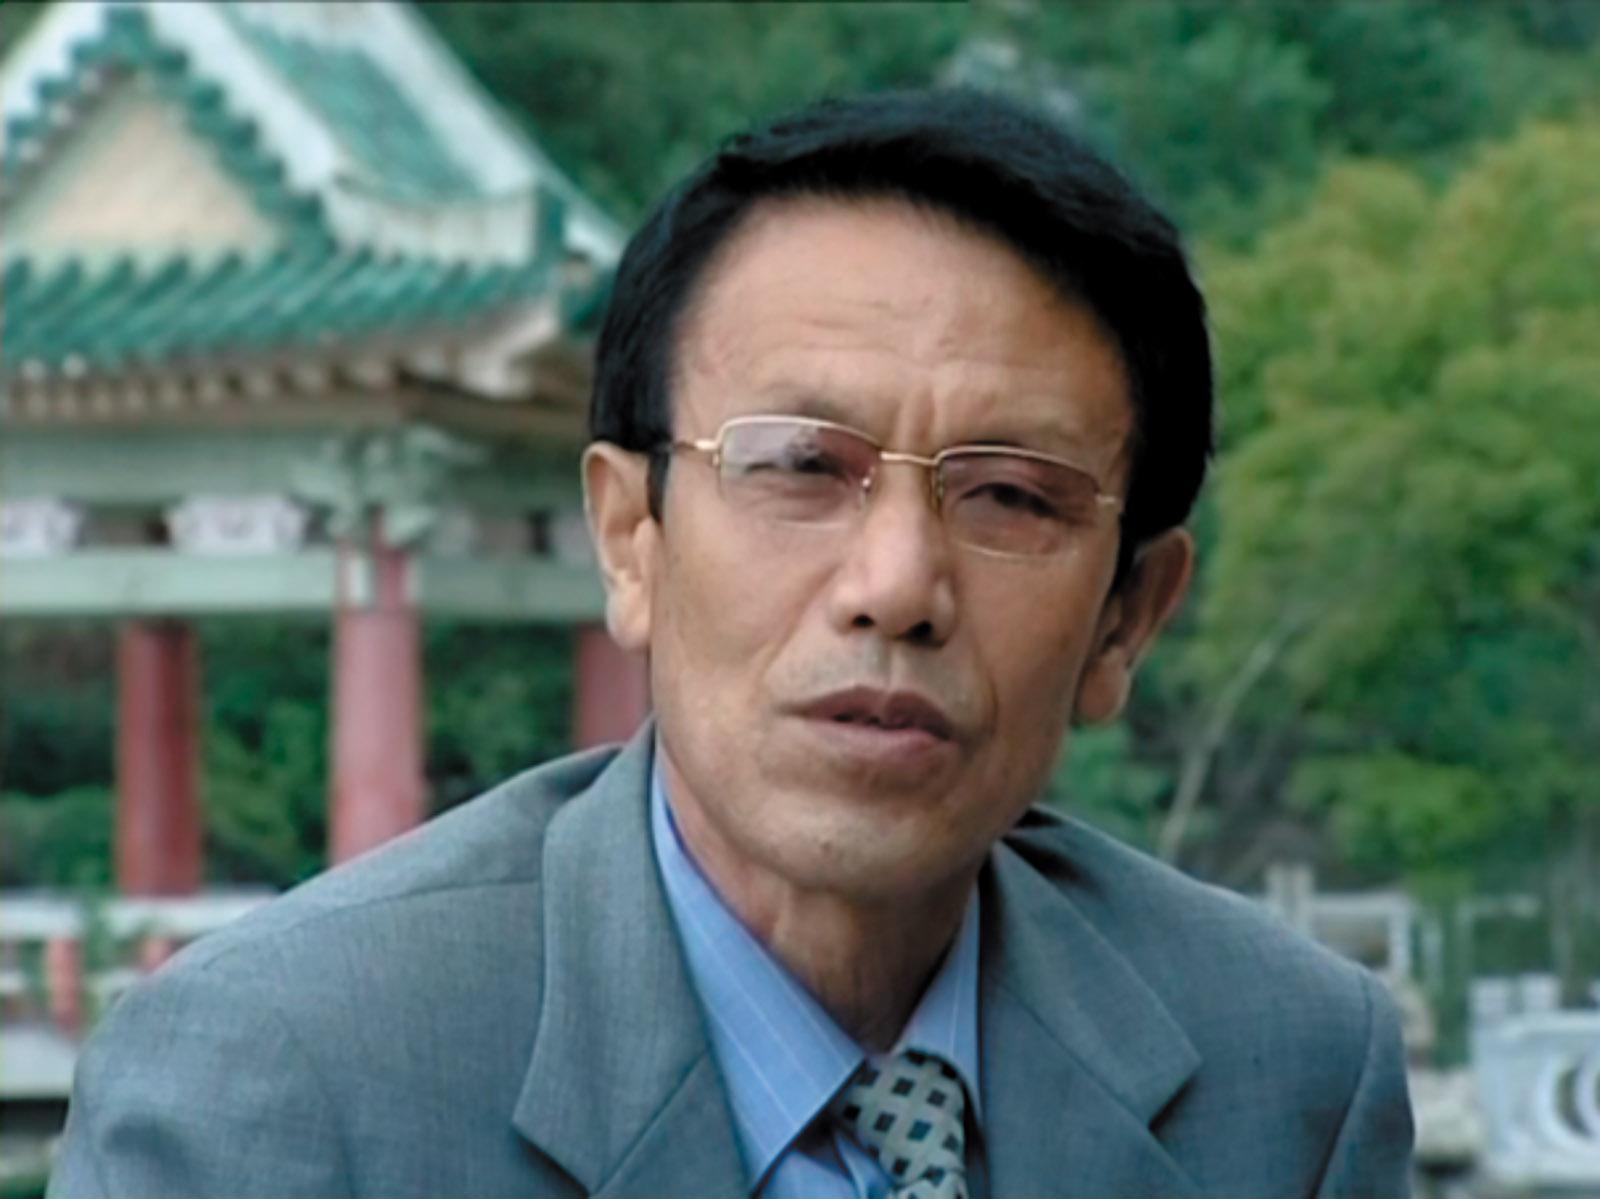 Paek Nam-nyong